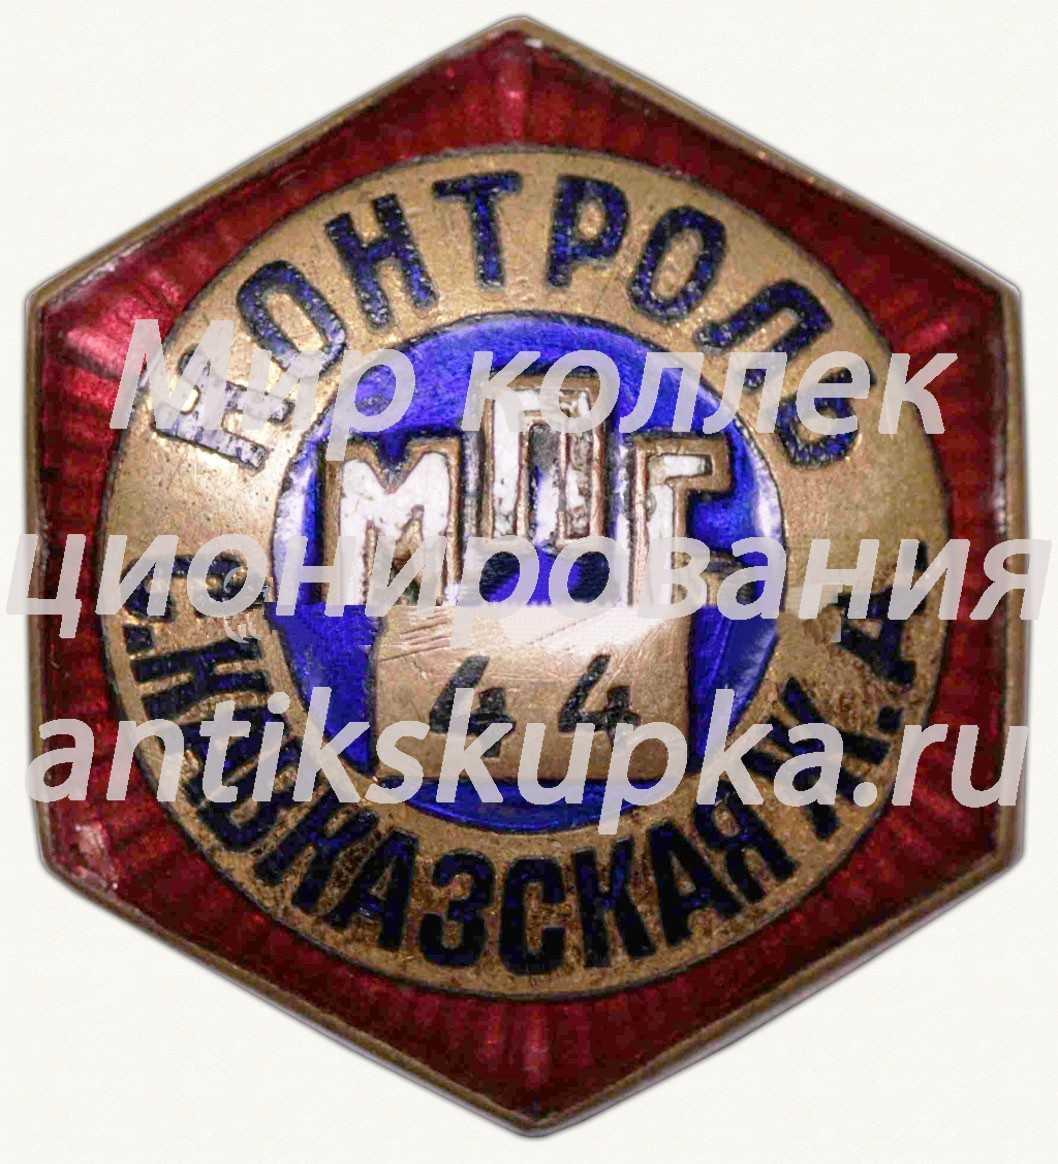 Знак ««Контроль». Министерство путей сообщения (МПС). Северо-Кавказская железная дорога (ЖД)»